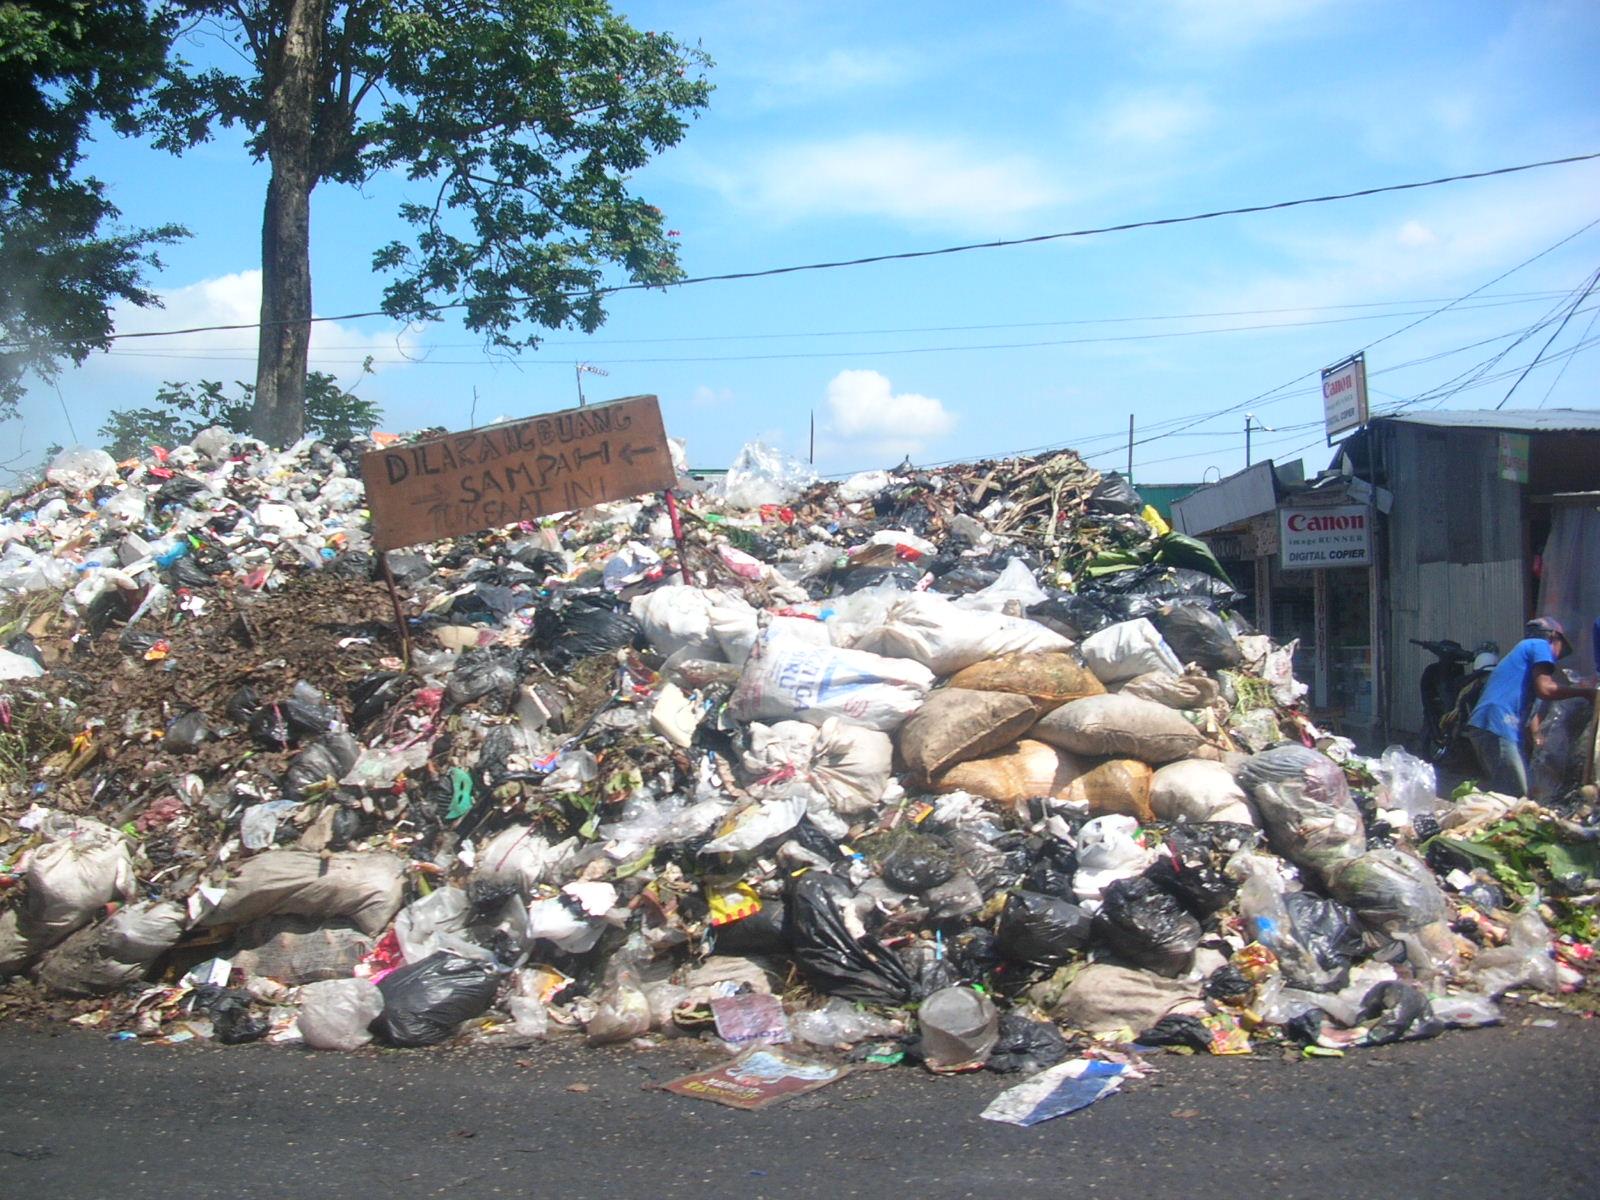 Rakyat Malaysia Buang 1.8 juta Tan Sampah Setahun- Hebat ke Tak Hebat?